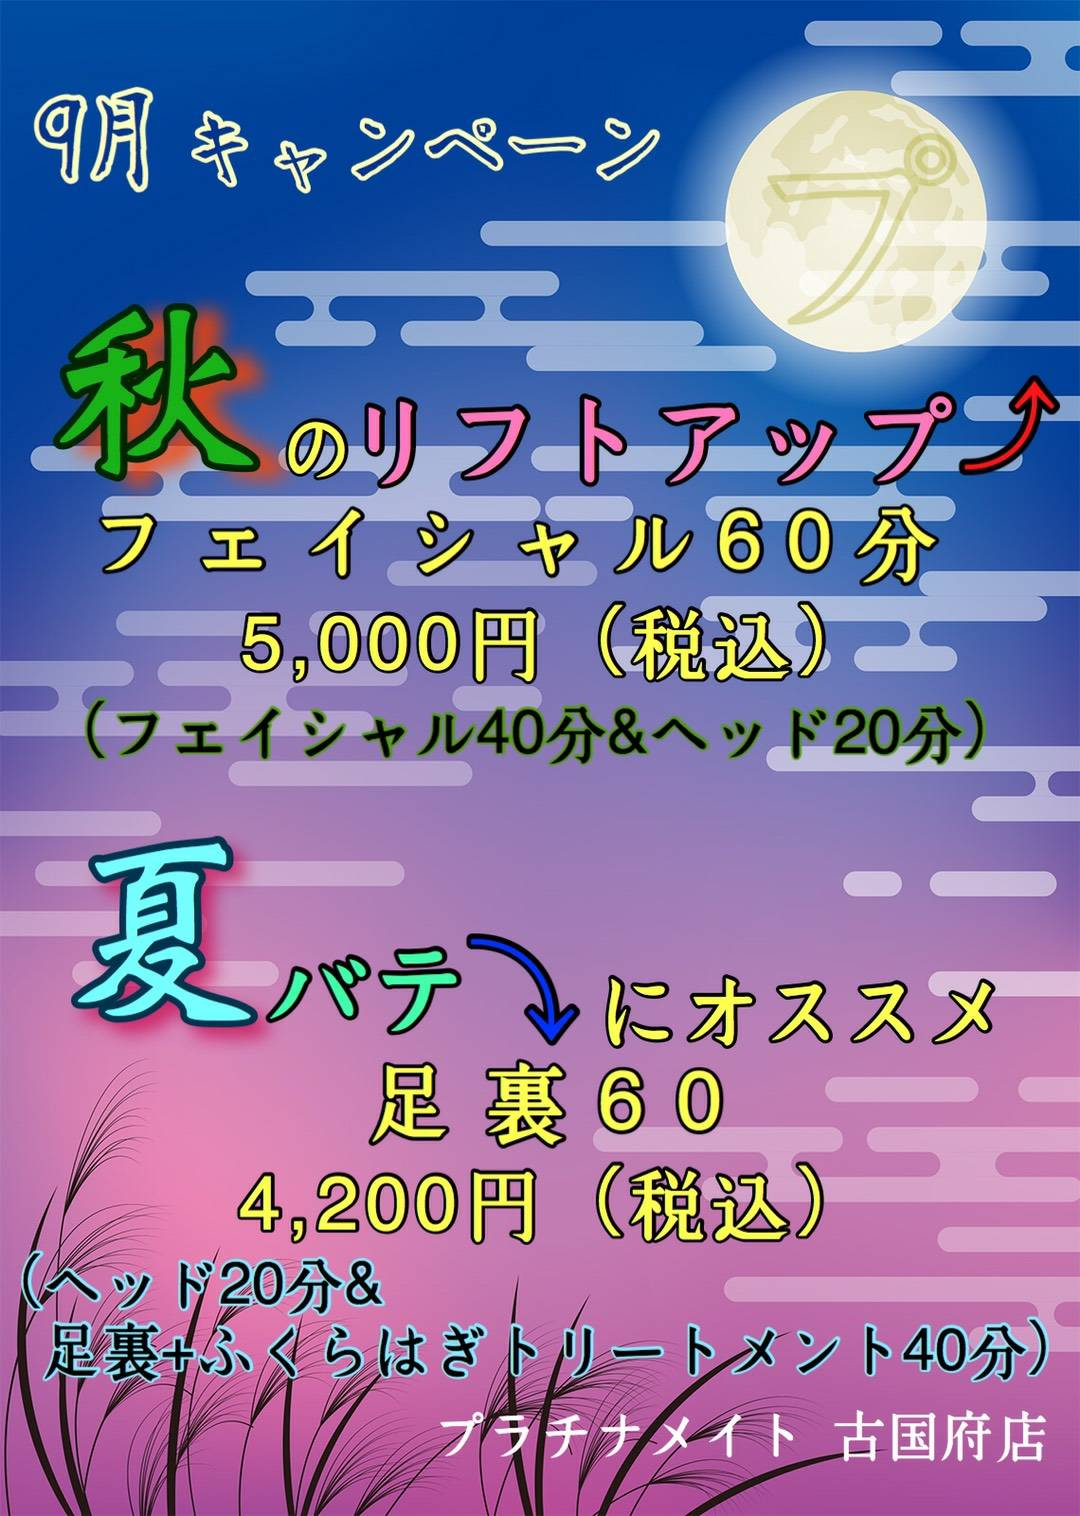 【リフレイト】9月キャンペーン情報2